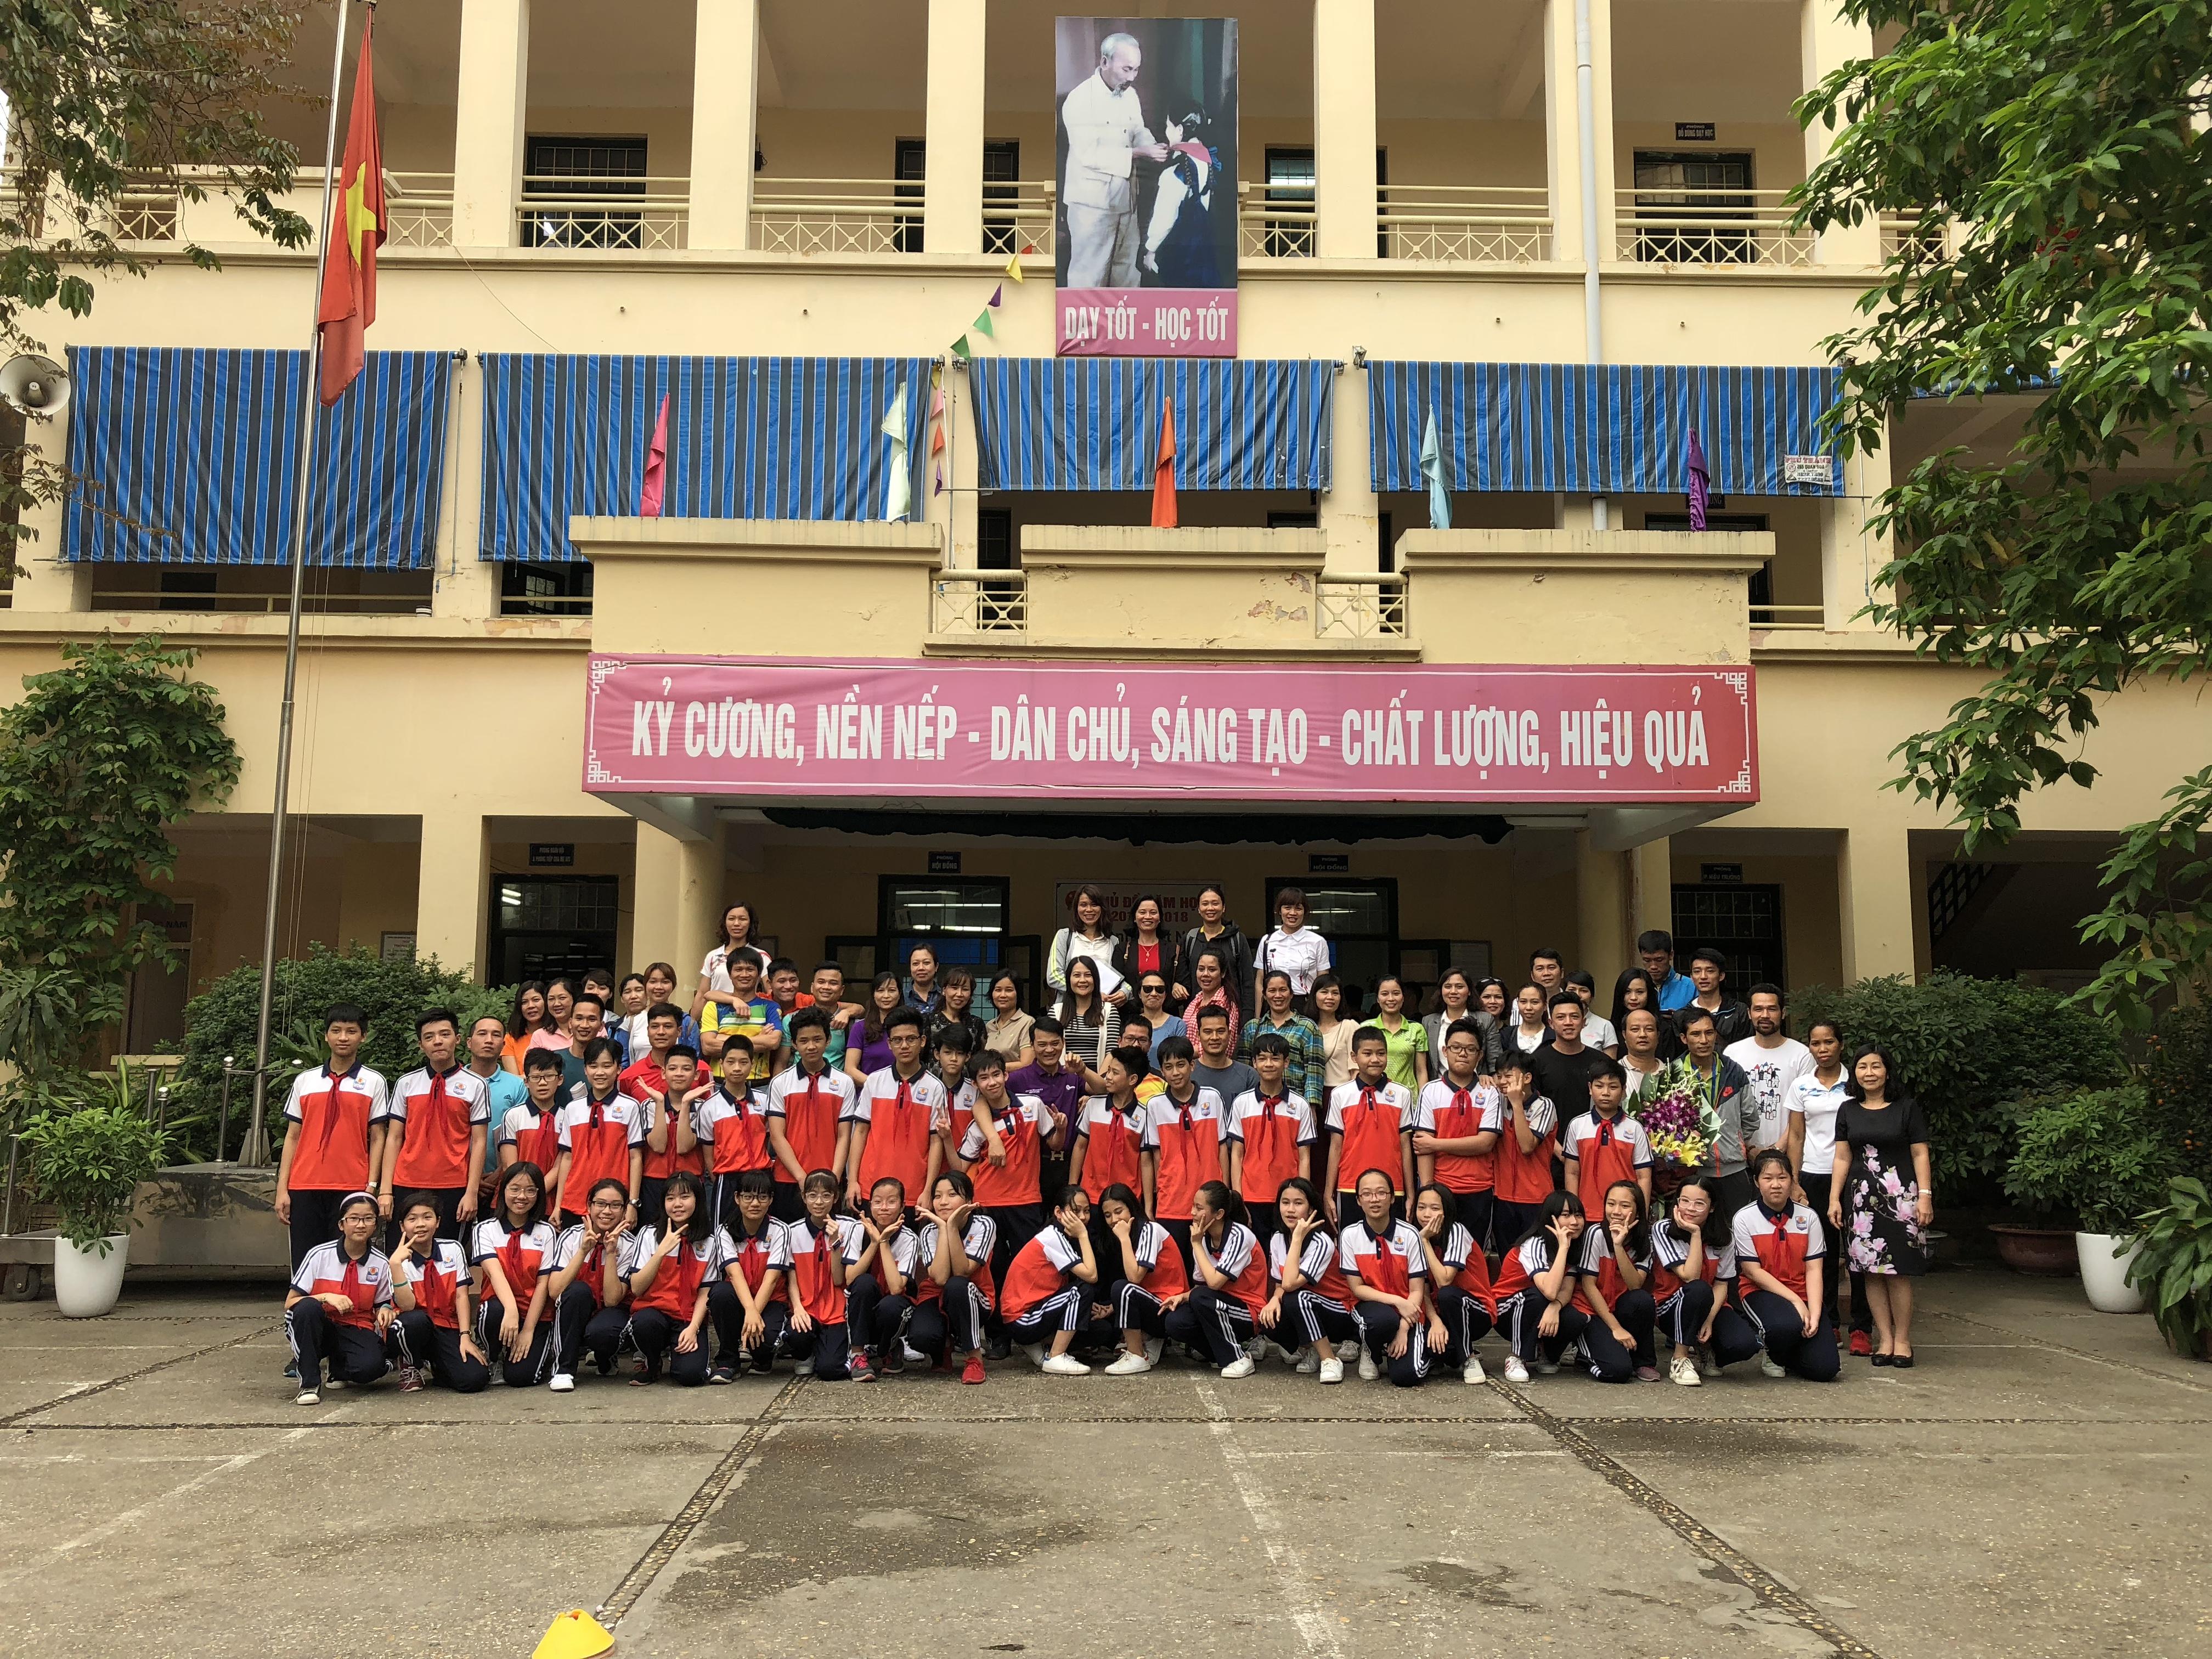 Trường THCS Hoàng Hoa Thám, Ba Đình, Hà Nội Có Tốt Không?